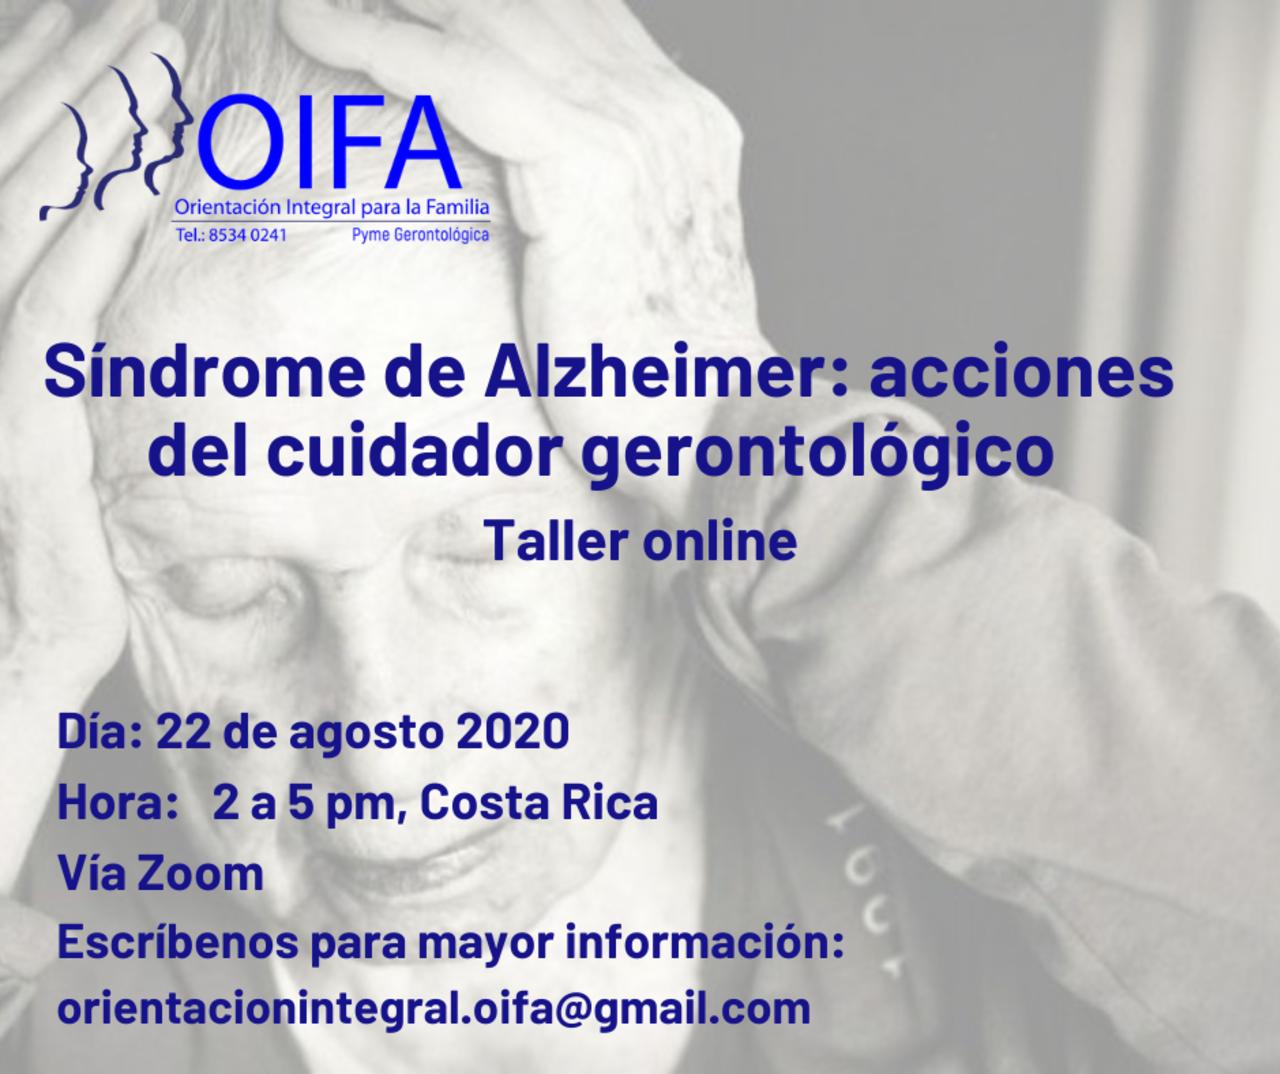 Taller para cuidadores de mayores donde aprenderemos sobre el Síndrome Alzheimer, cómo actuar ante algunas conductas y cómo generar actividades con sentido para la persona adulta mayor.